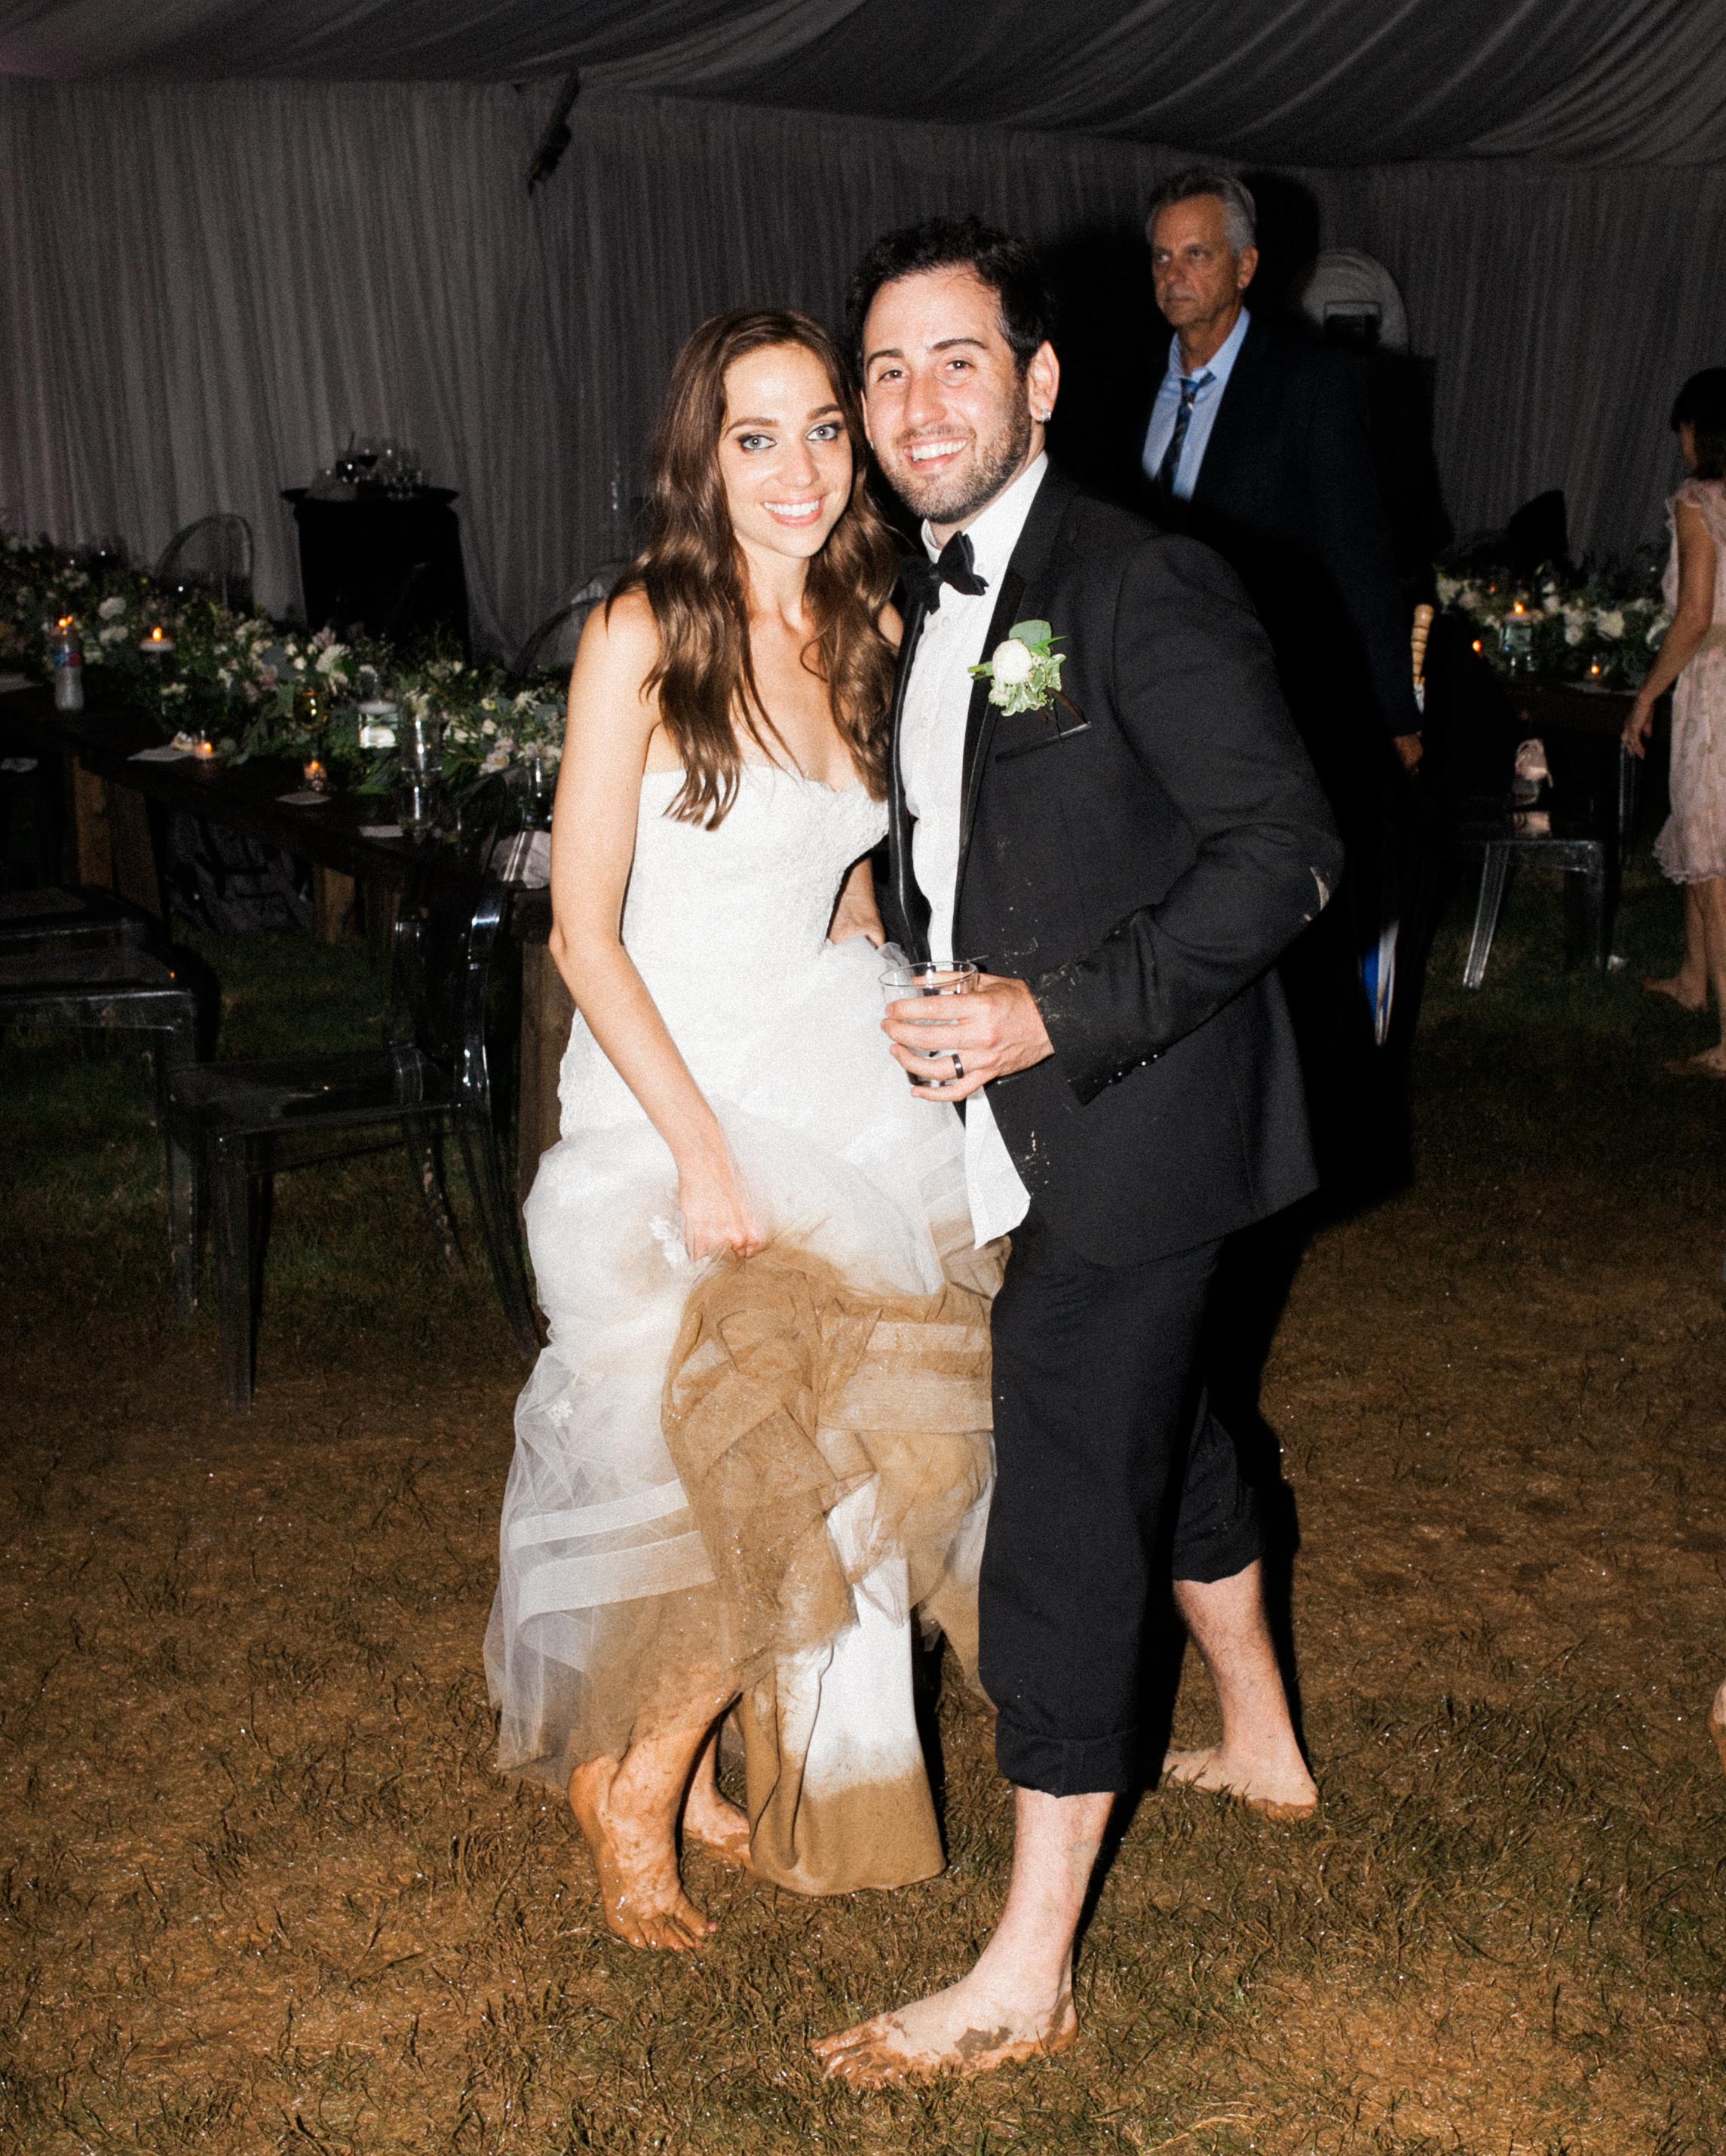 jackie-ross-wedding-mud-120-s111775-0215.jpg